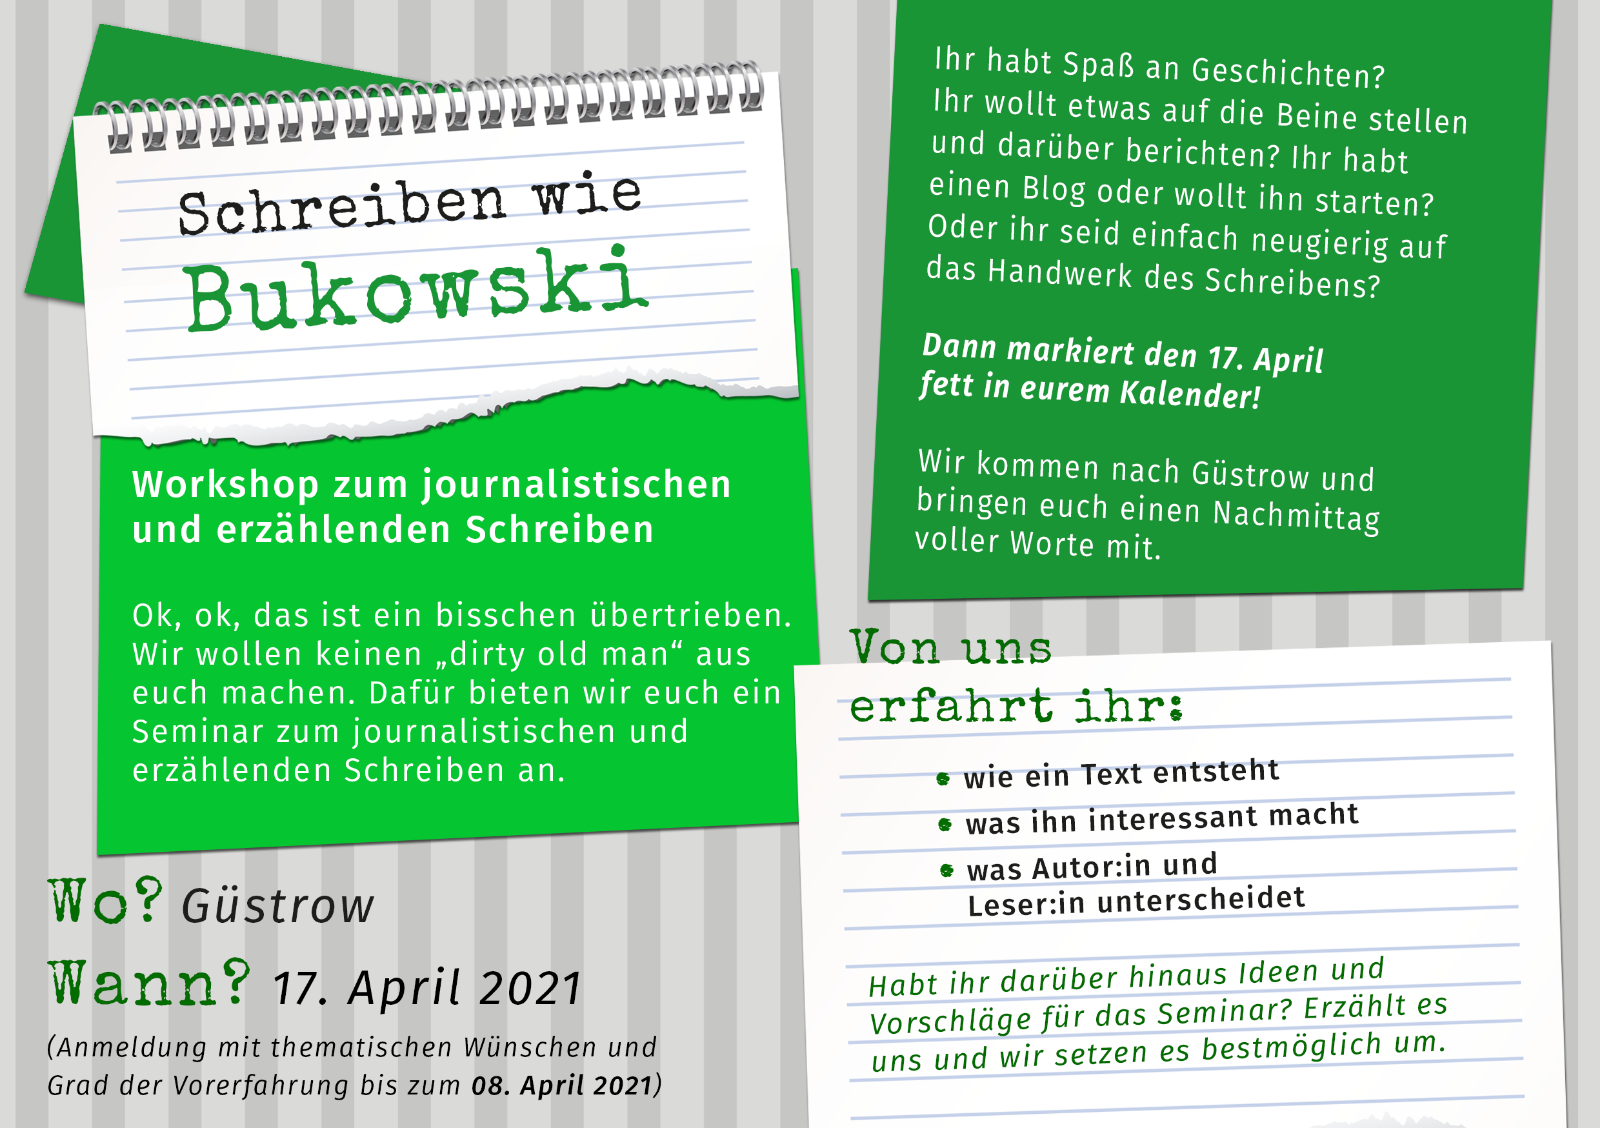 """Nun online: """"Schreiben wie Charles Bukowski"""" Workshop zum journalistischen und erzählenden Schreiben"""